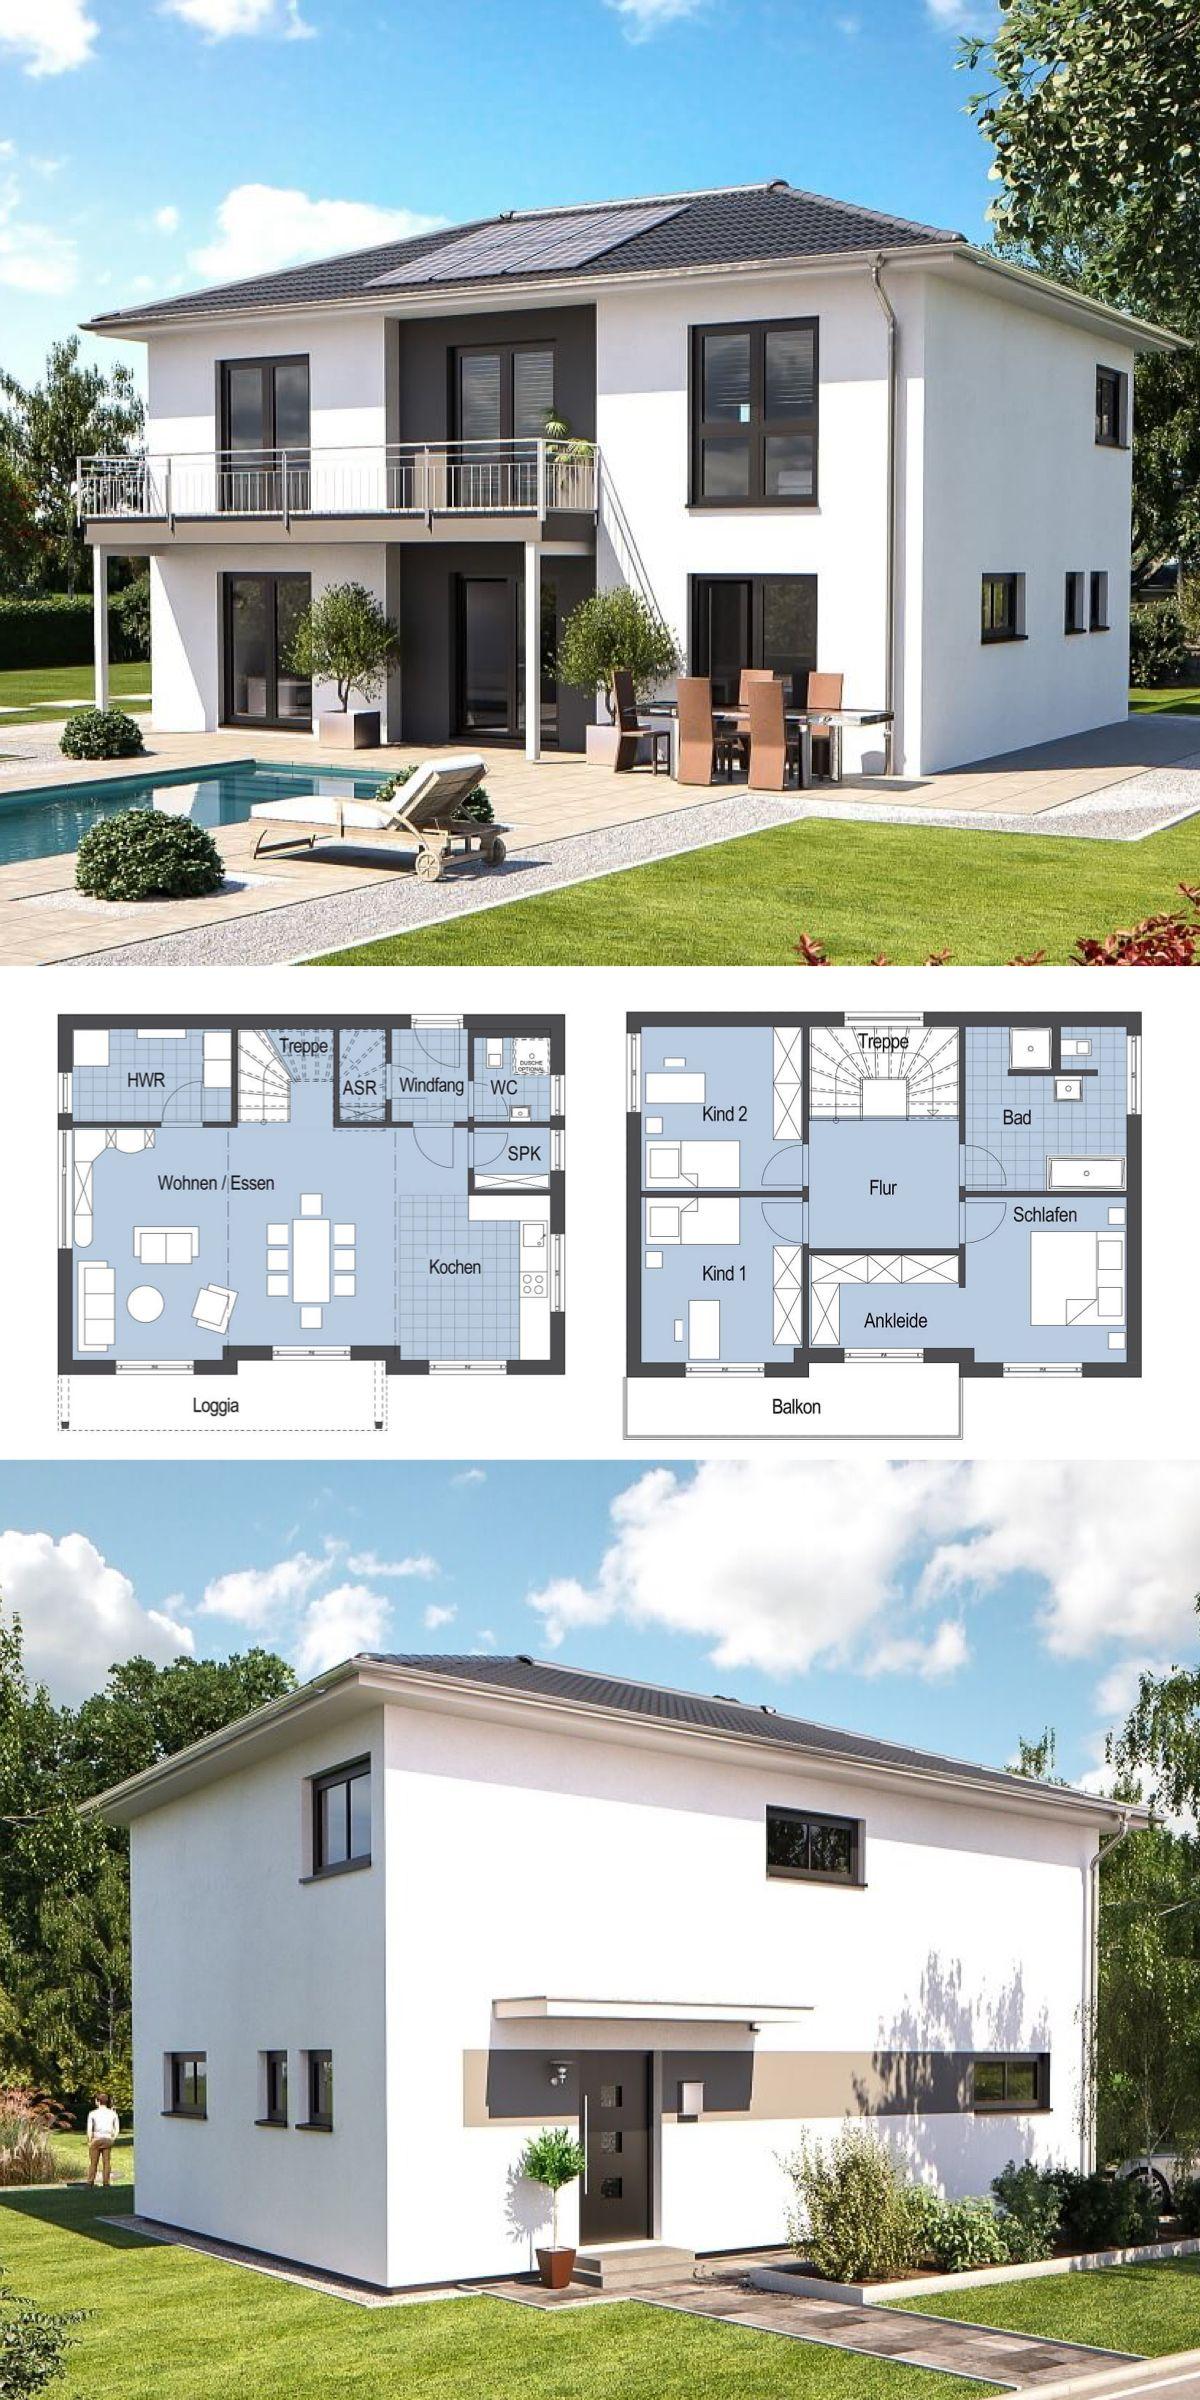 Stadtvilla modern mit walmdach architektur hausbau ideen for Neue moderne hauser